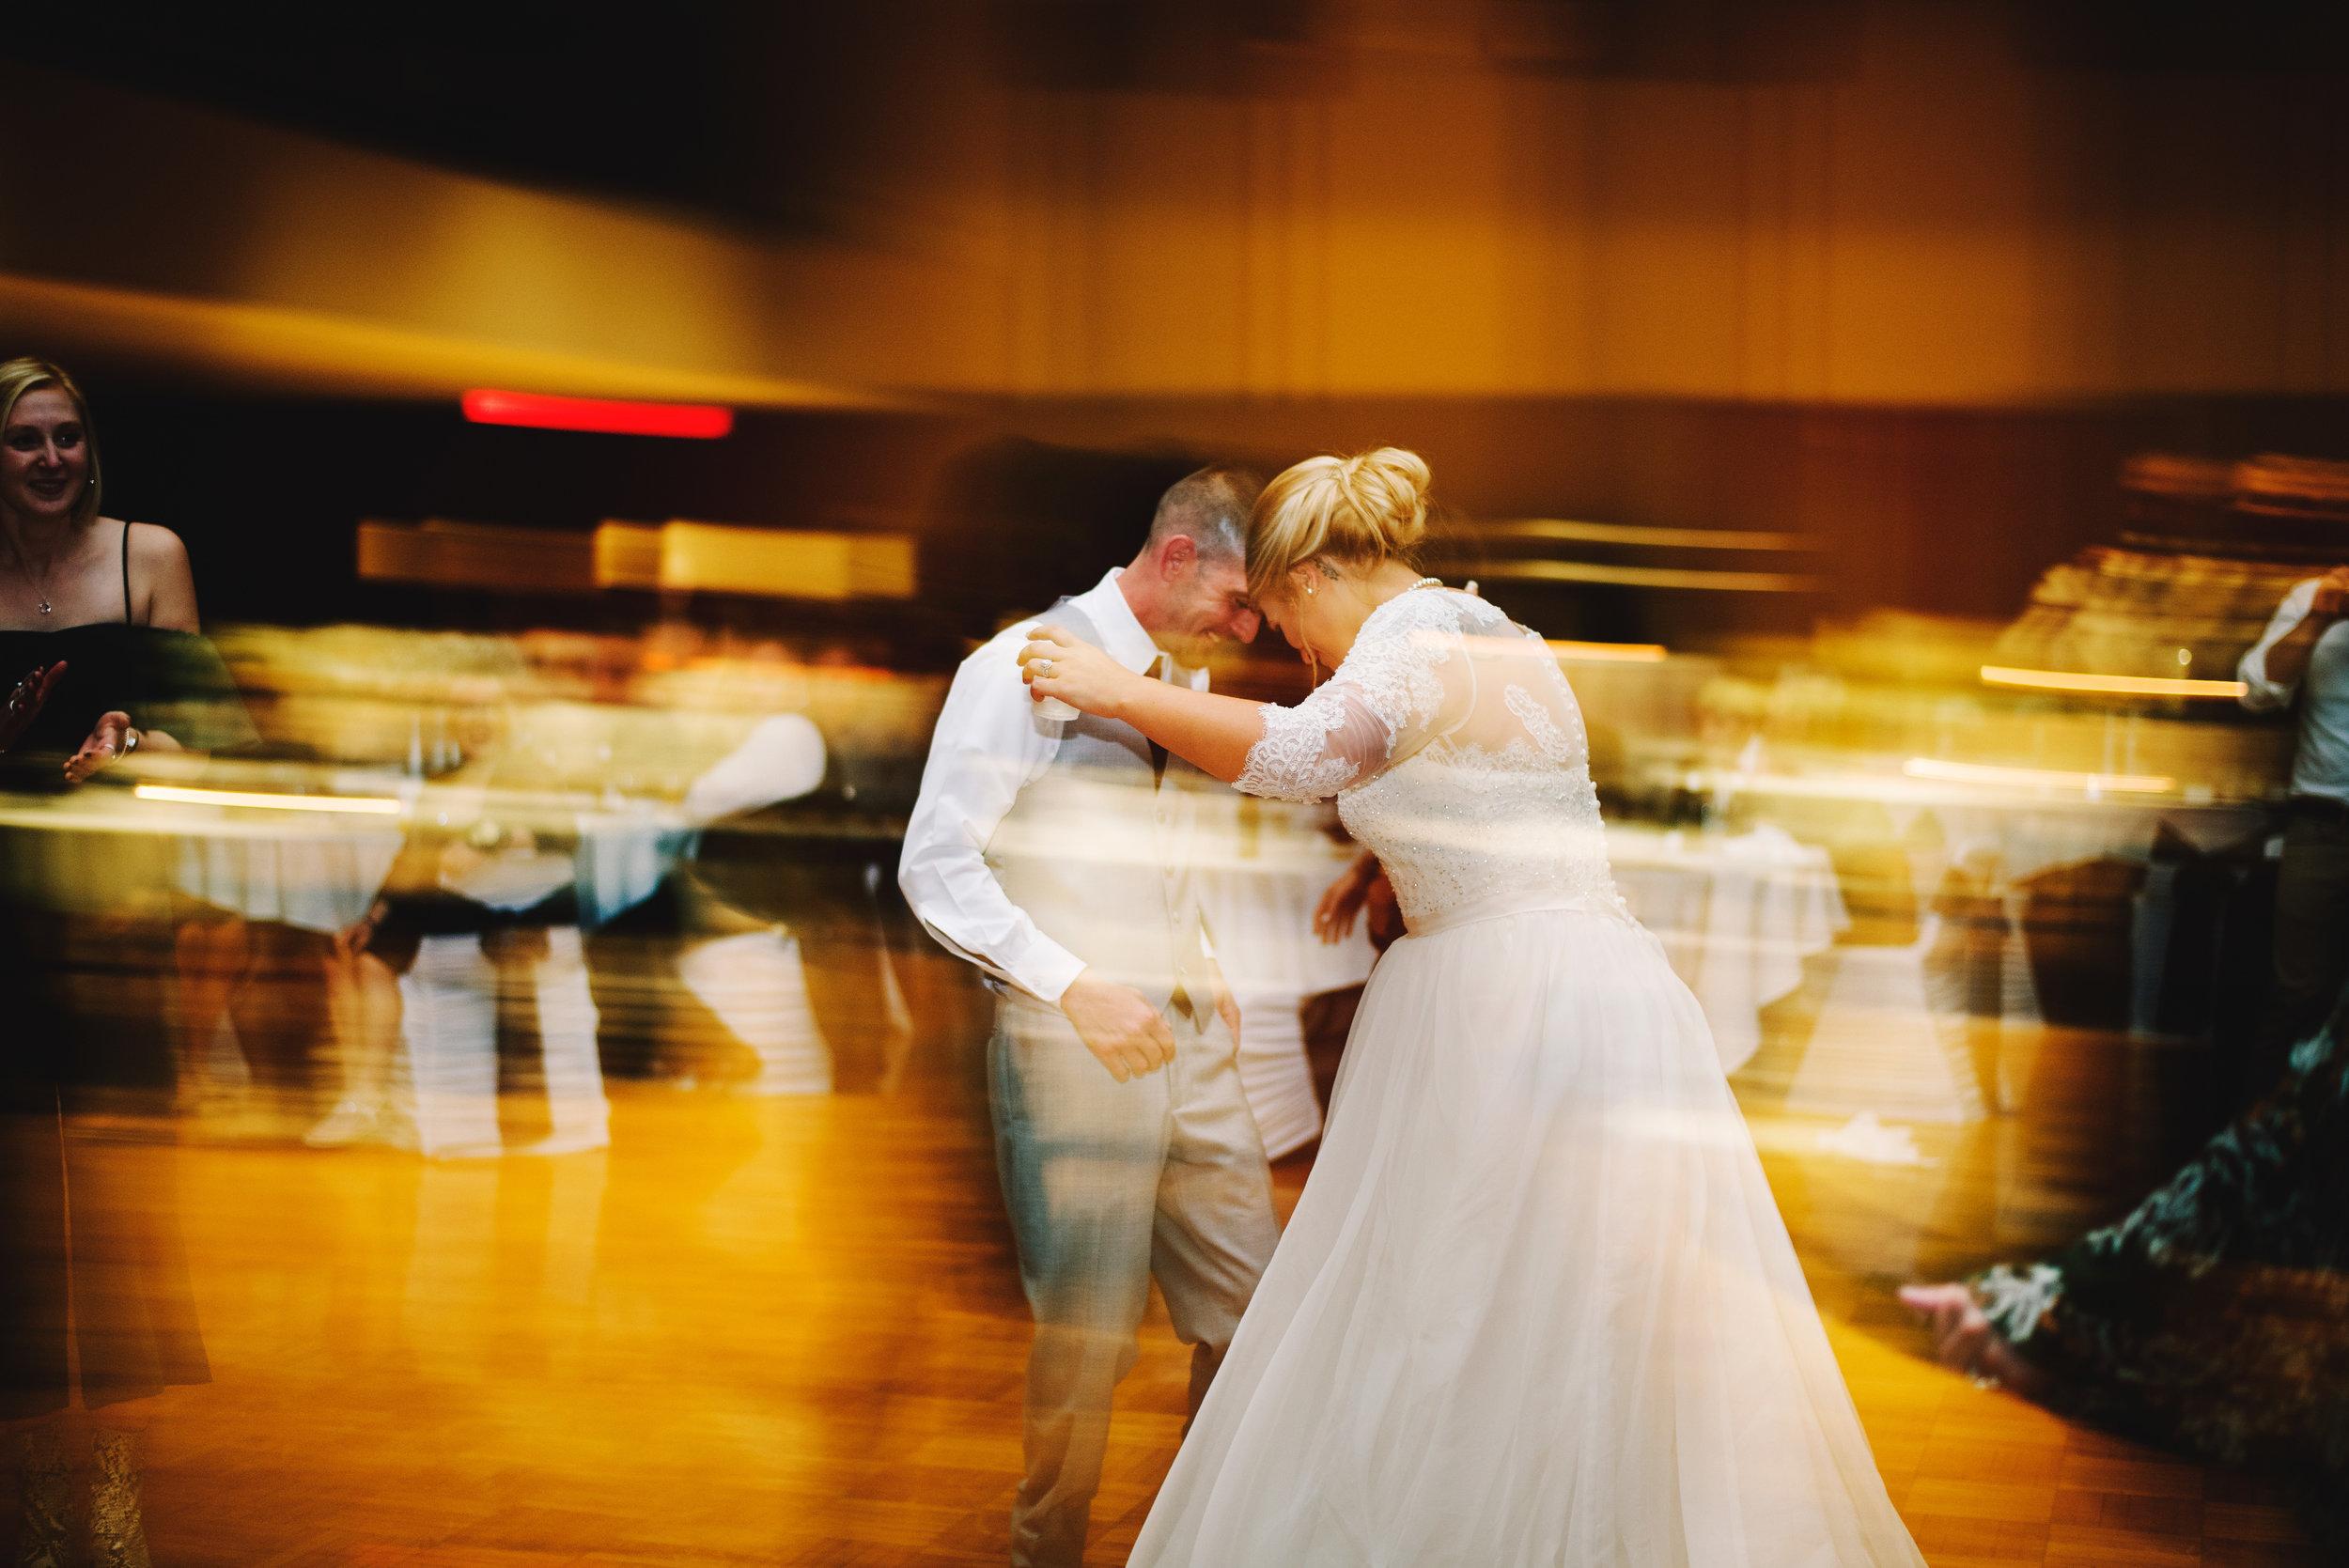 King-Northern-Illinois-University-Wedding155.jpg